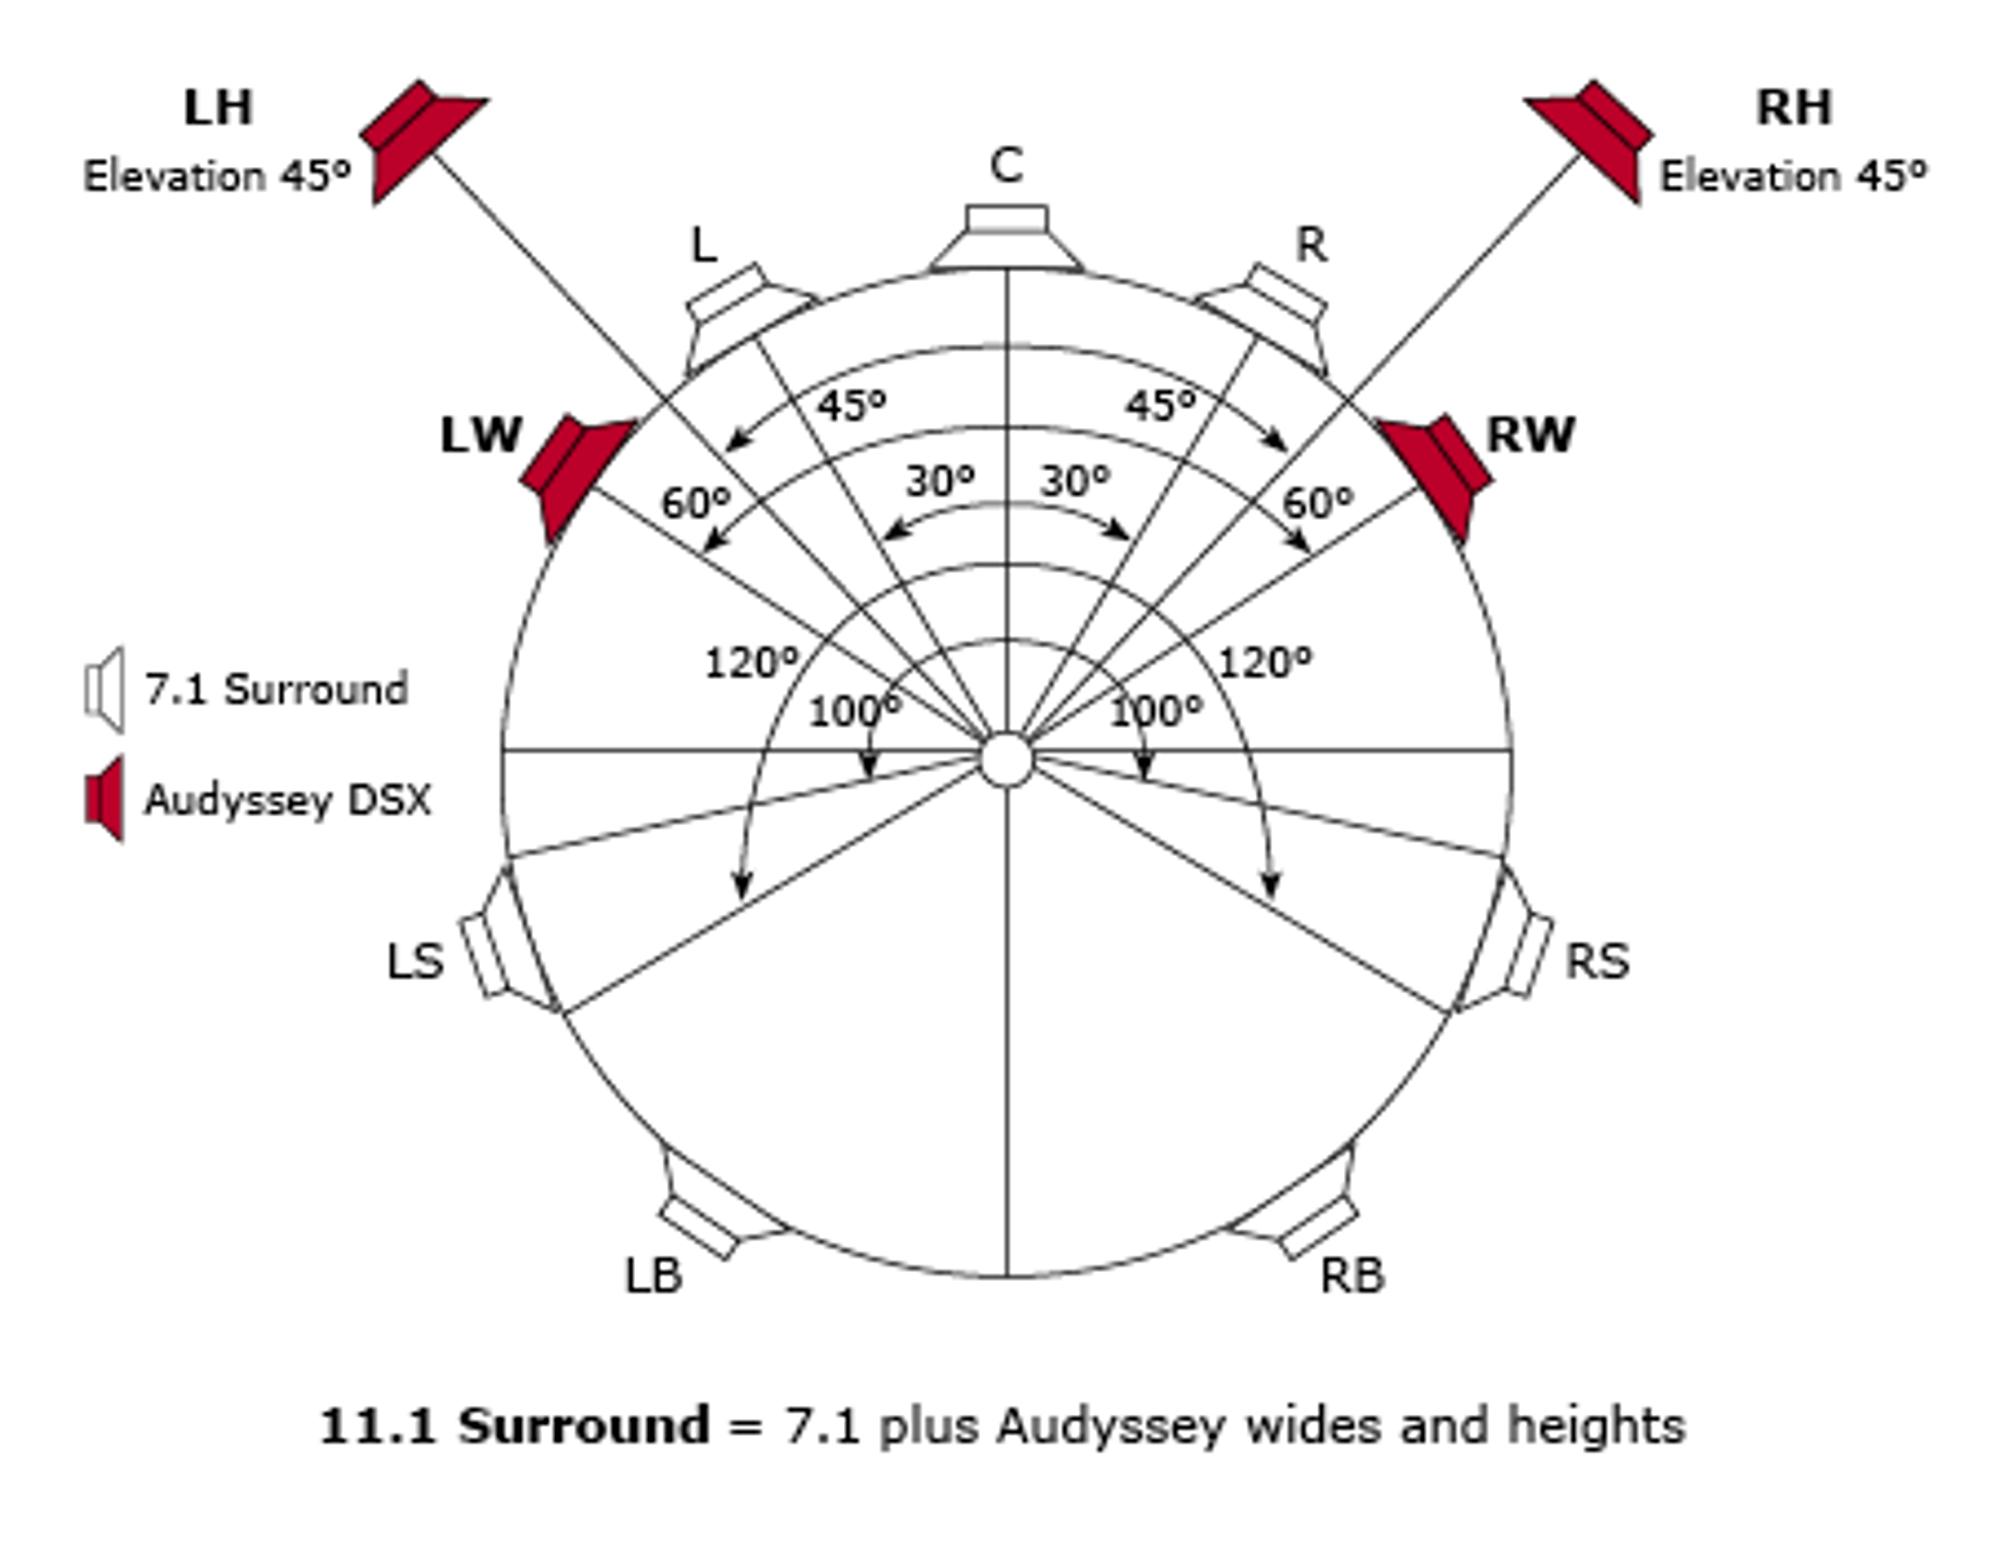 11.1-oppsett med Audyssey DSX